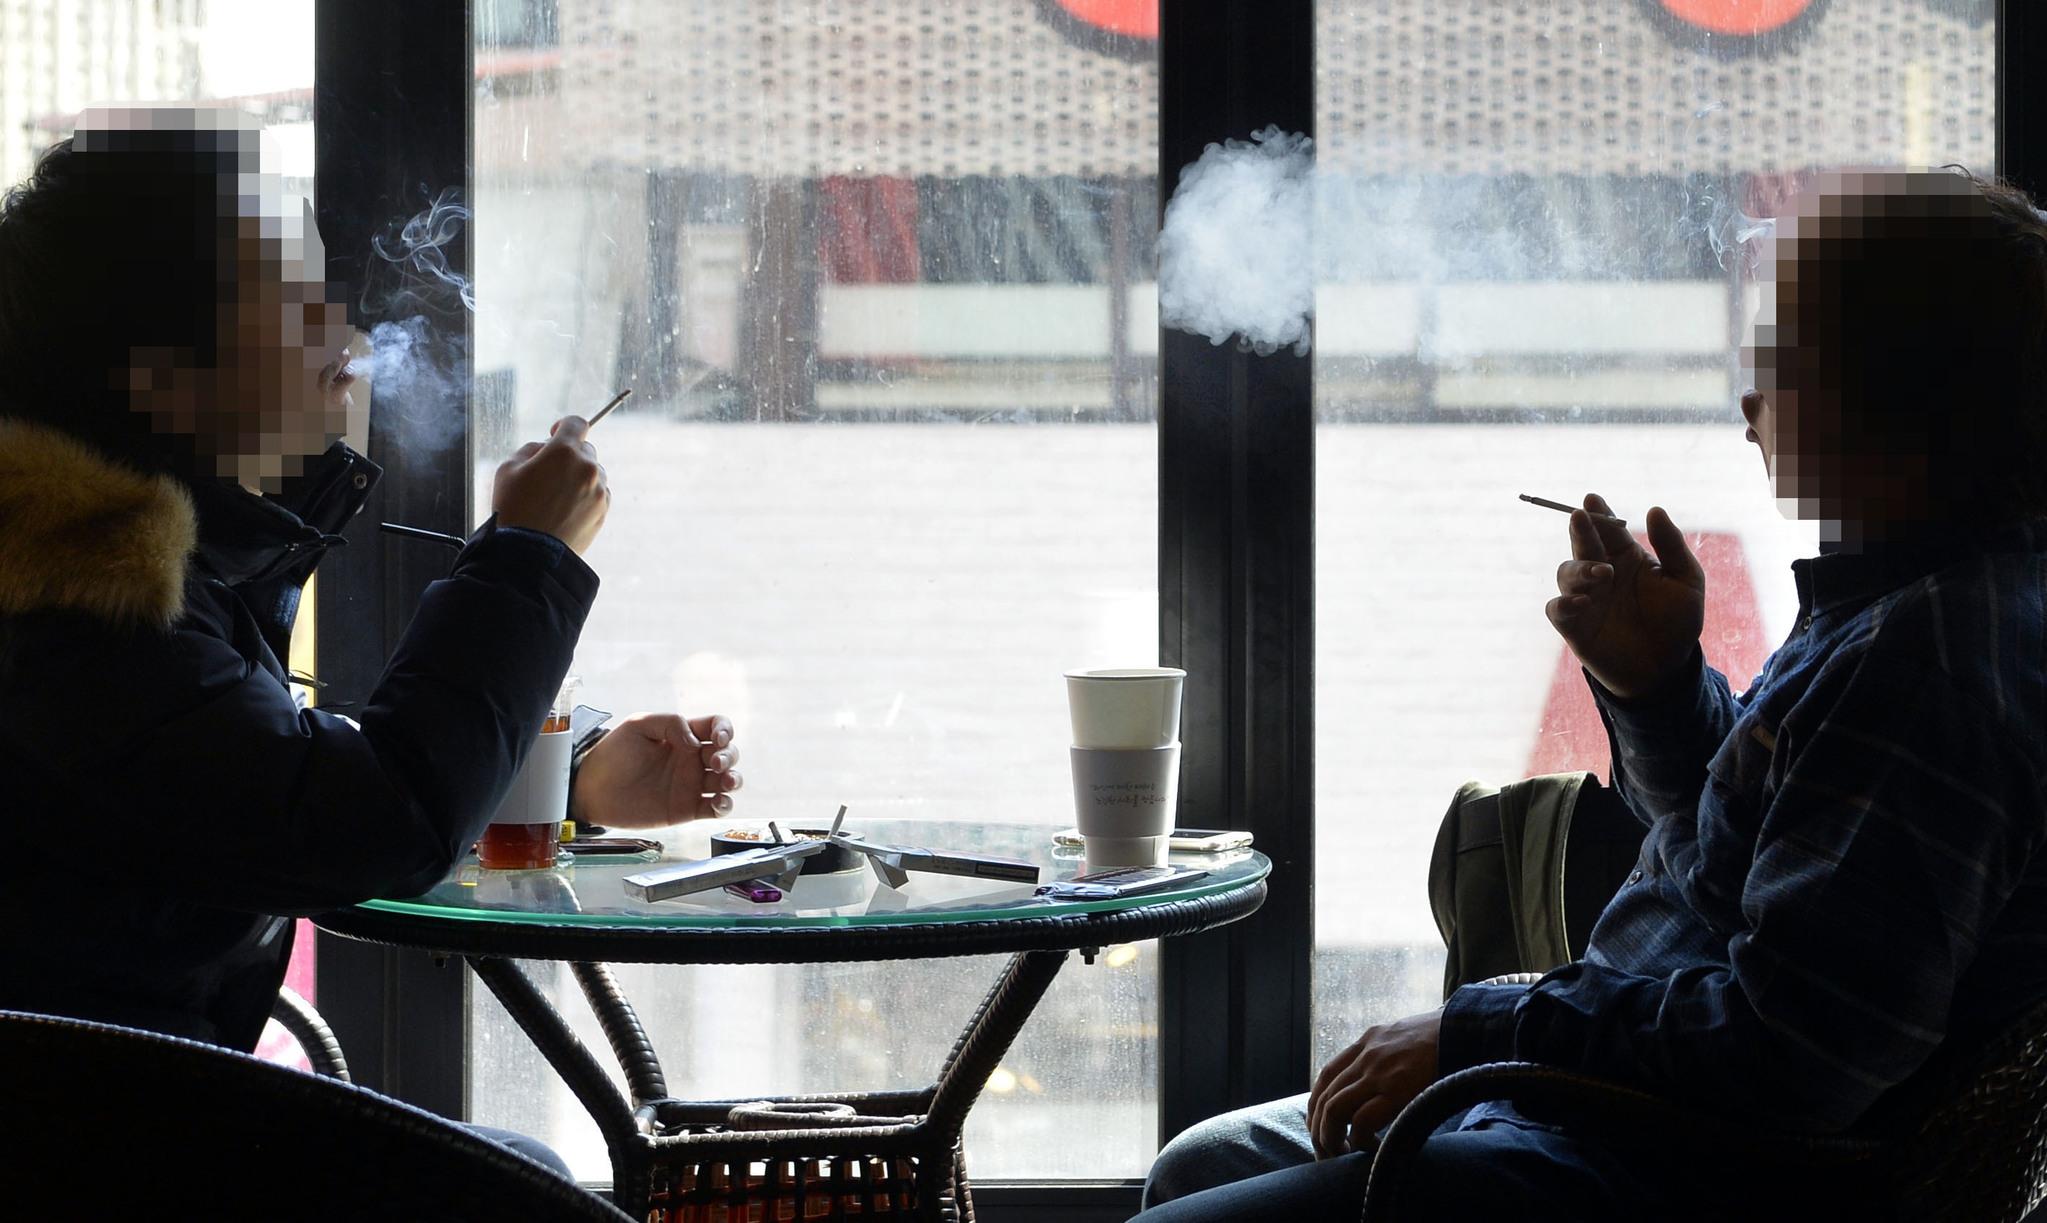 지난달 28일 대전시 서구 한 흡연카페에서 손님들이 담배를 피우며 이야기하고 있다. [대전=프리랜서 김성태]